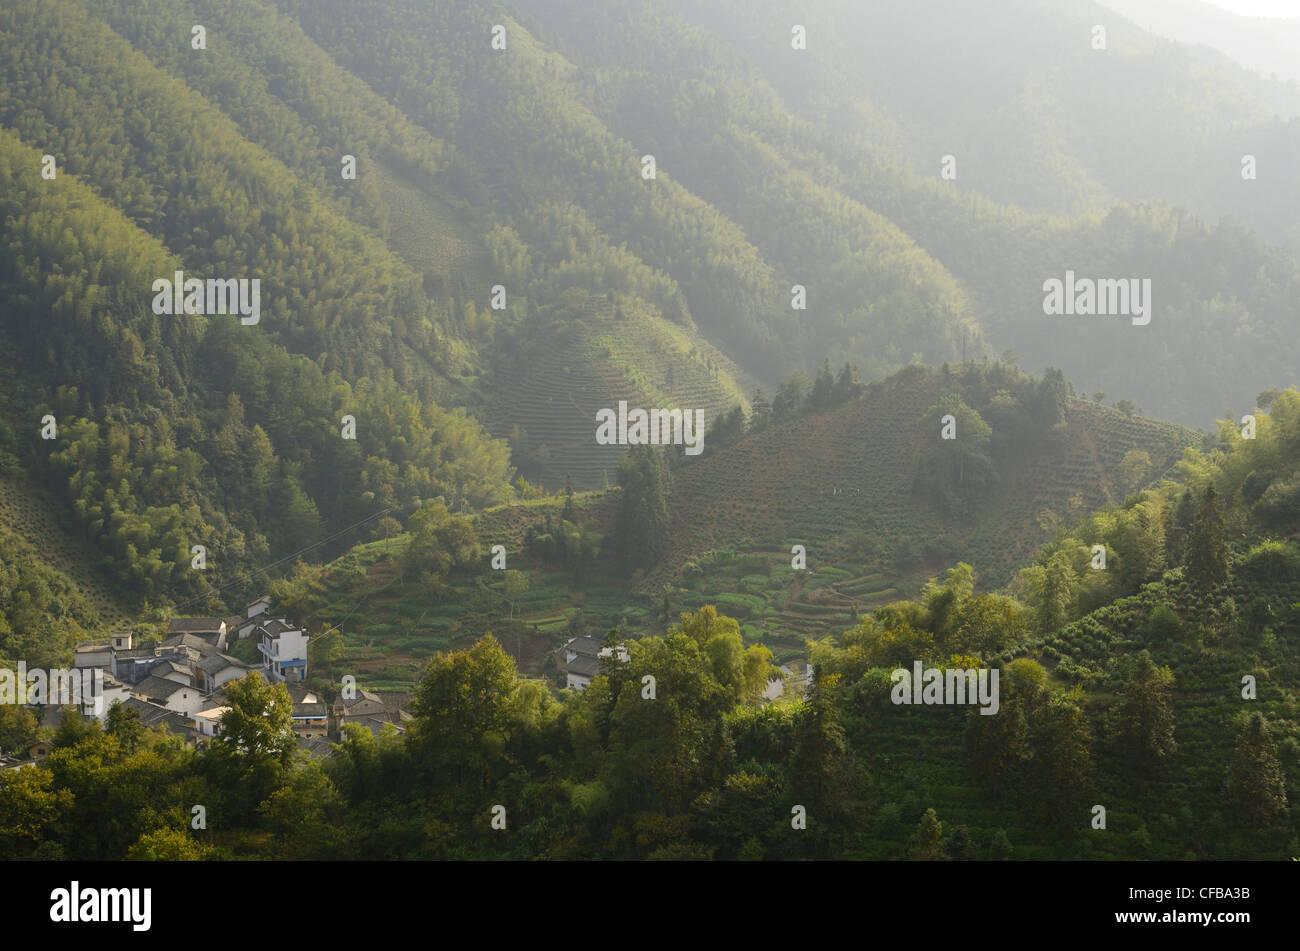 Villaggio di montagna di dongchong con la piantagione di tè nei pressi di feng le lago huangshan cina Immagini Stock